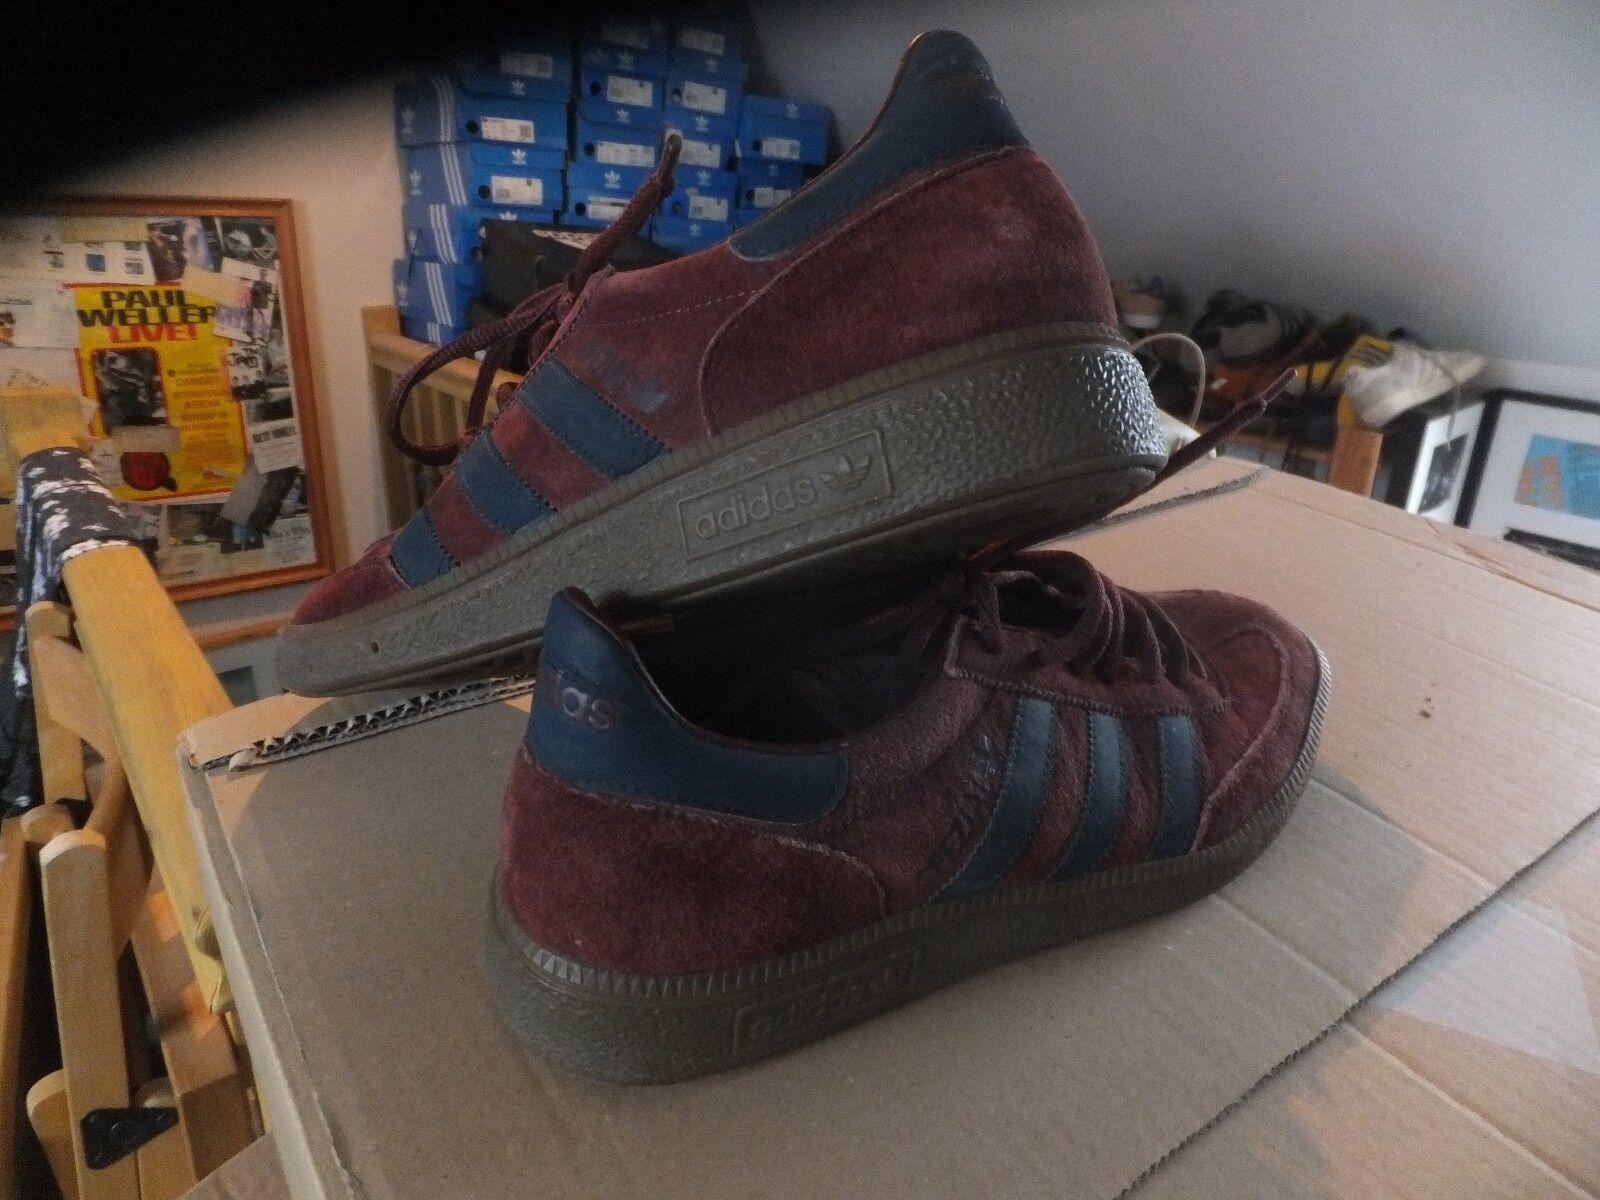 Mens Colourway Adidas Sample Originals Spezial Rare TlK1c3uFJ